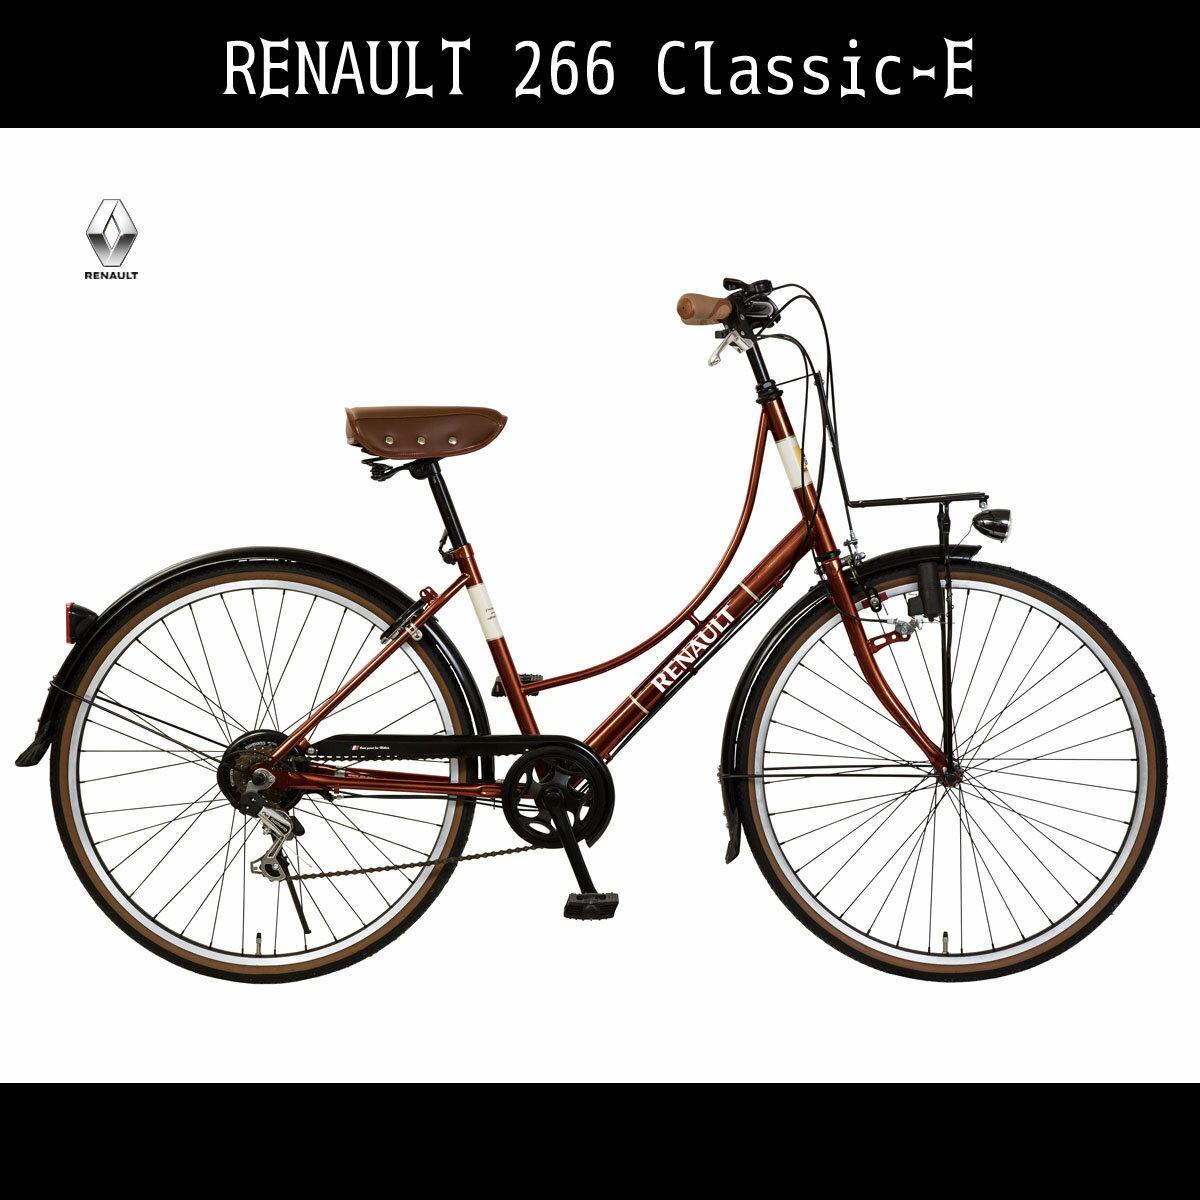 <関東限定特別価格>自転車 ギア付きで使いやすいママチャリ Classic-E 266L 自転車 ルノー ママチャリ おしゃれ ローラーブレーキ、鍵付き LEDライト 外装6段変速ギア付き 26インチ シティサイクル 茶色 ブラウン RENAULT ルノー 自転車 送料無料